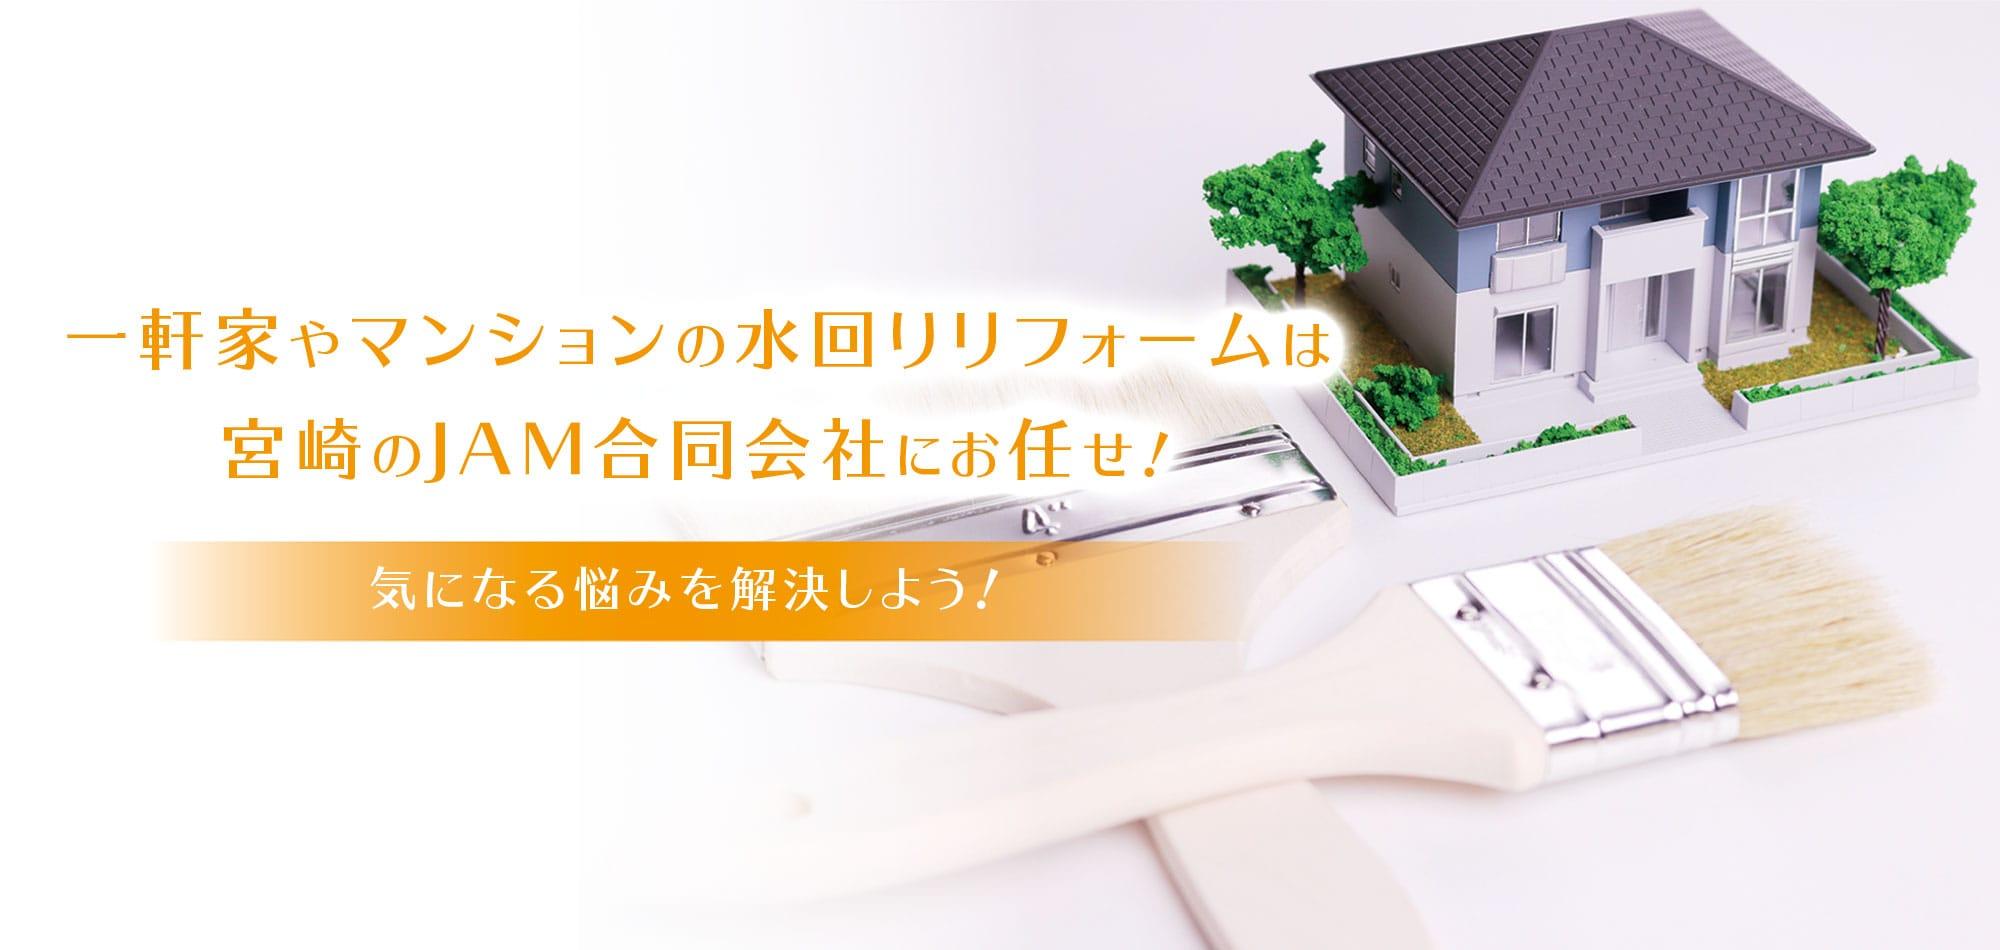 一軒家やマンションの水回りリフォームは宮崎のJAM合同会社にお任せ! 気になる悩みを解決しよう!